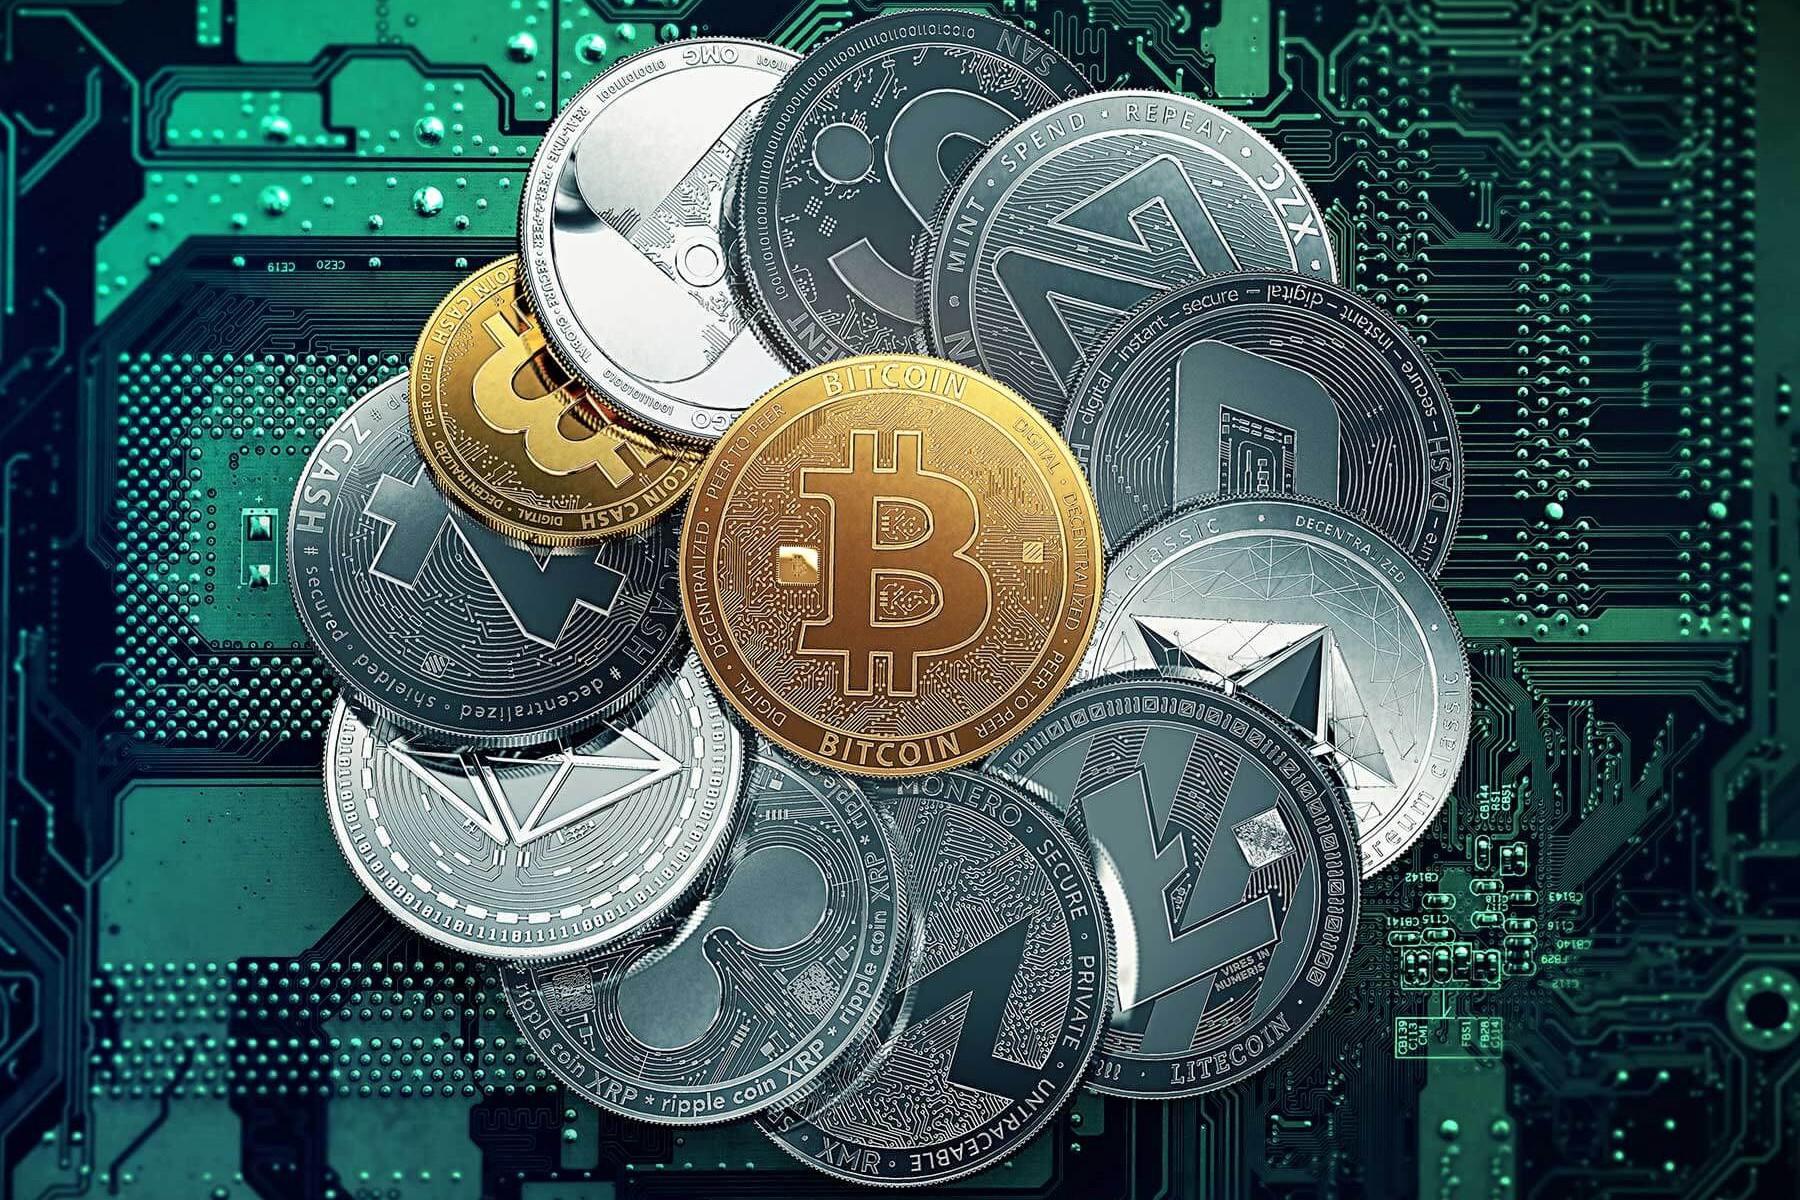 Аналитики уверены, что в текущем году биткоин будет расти, как в 2017